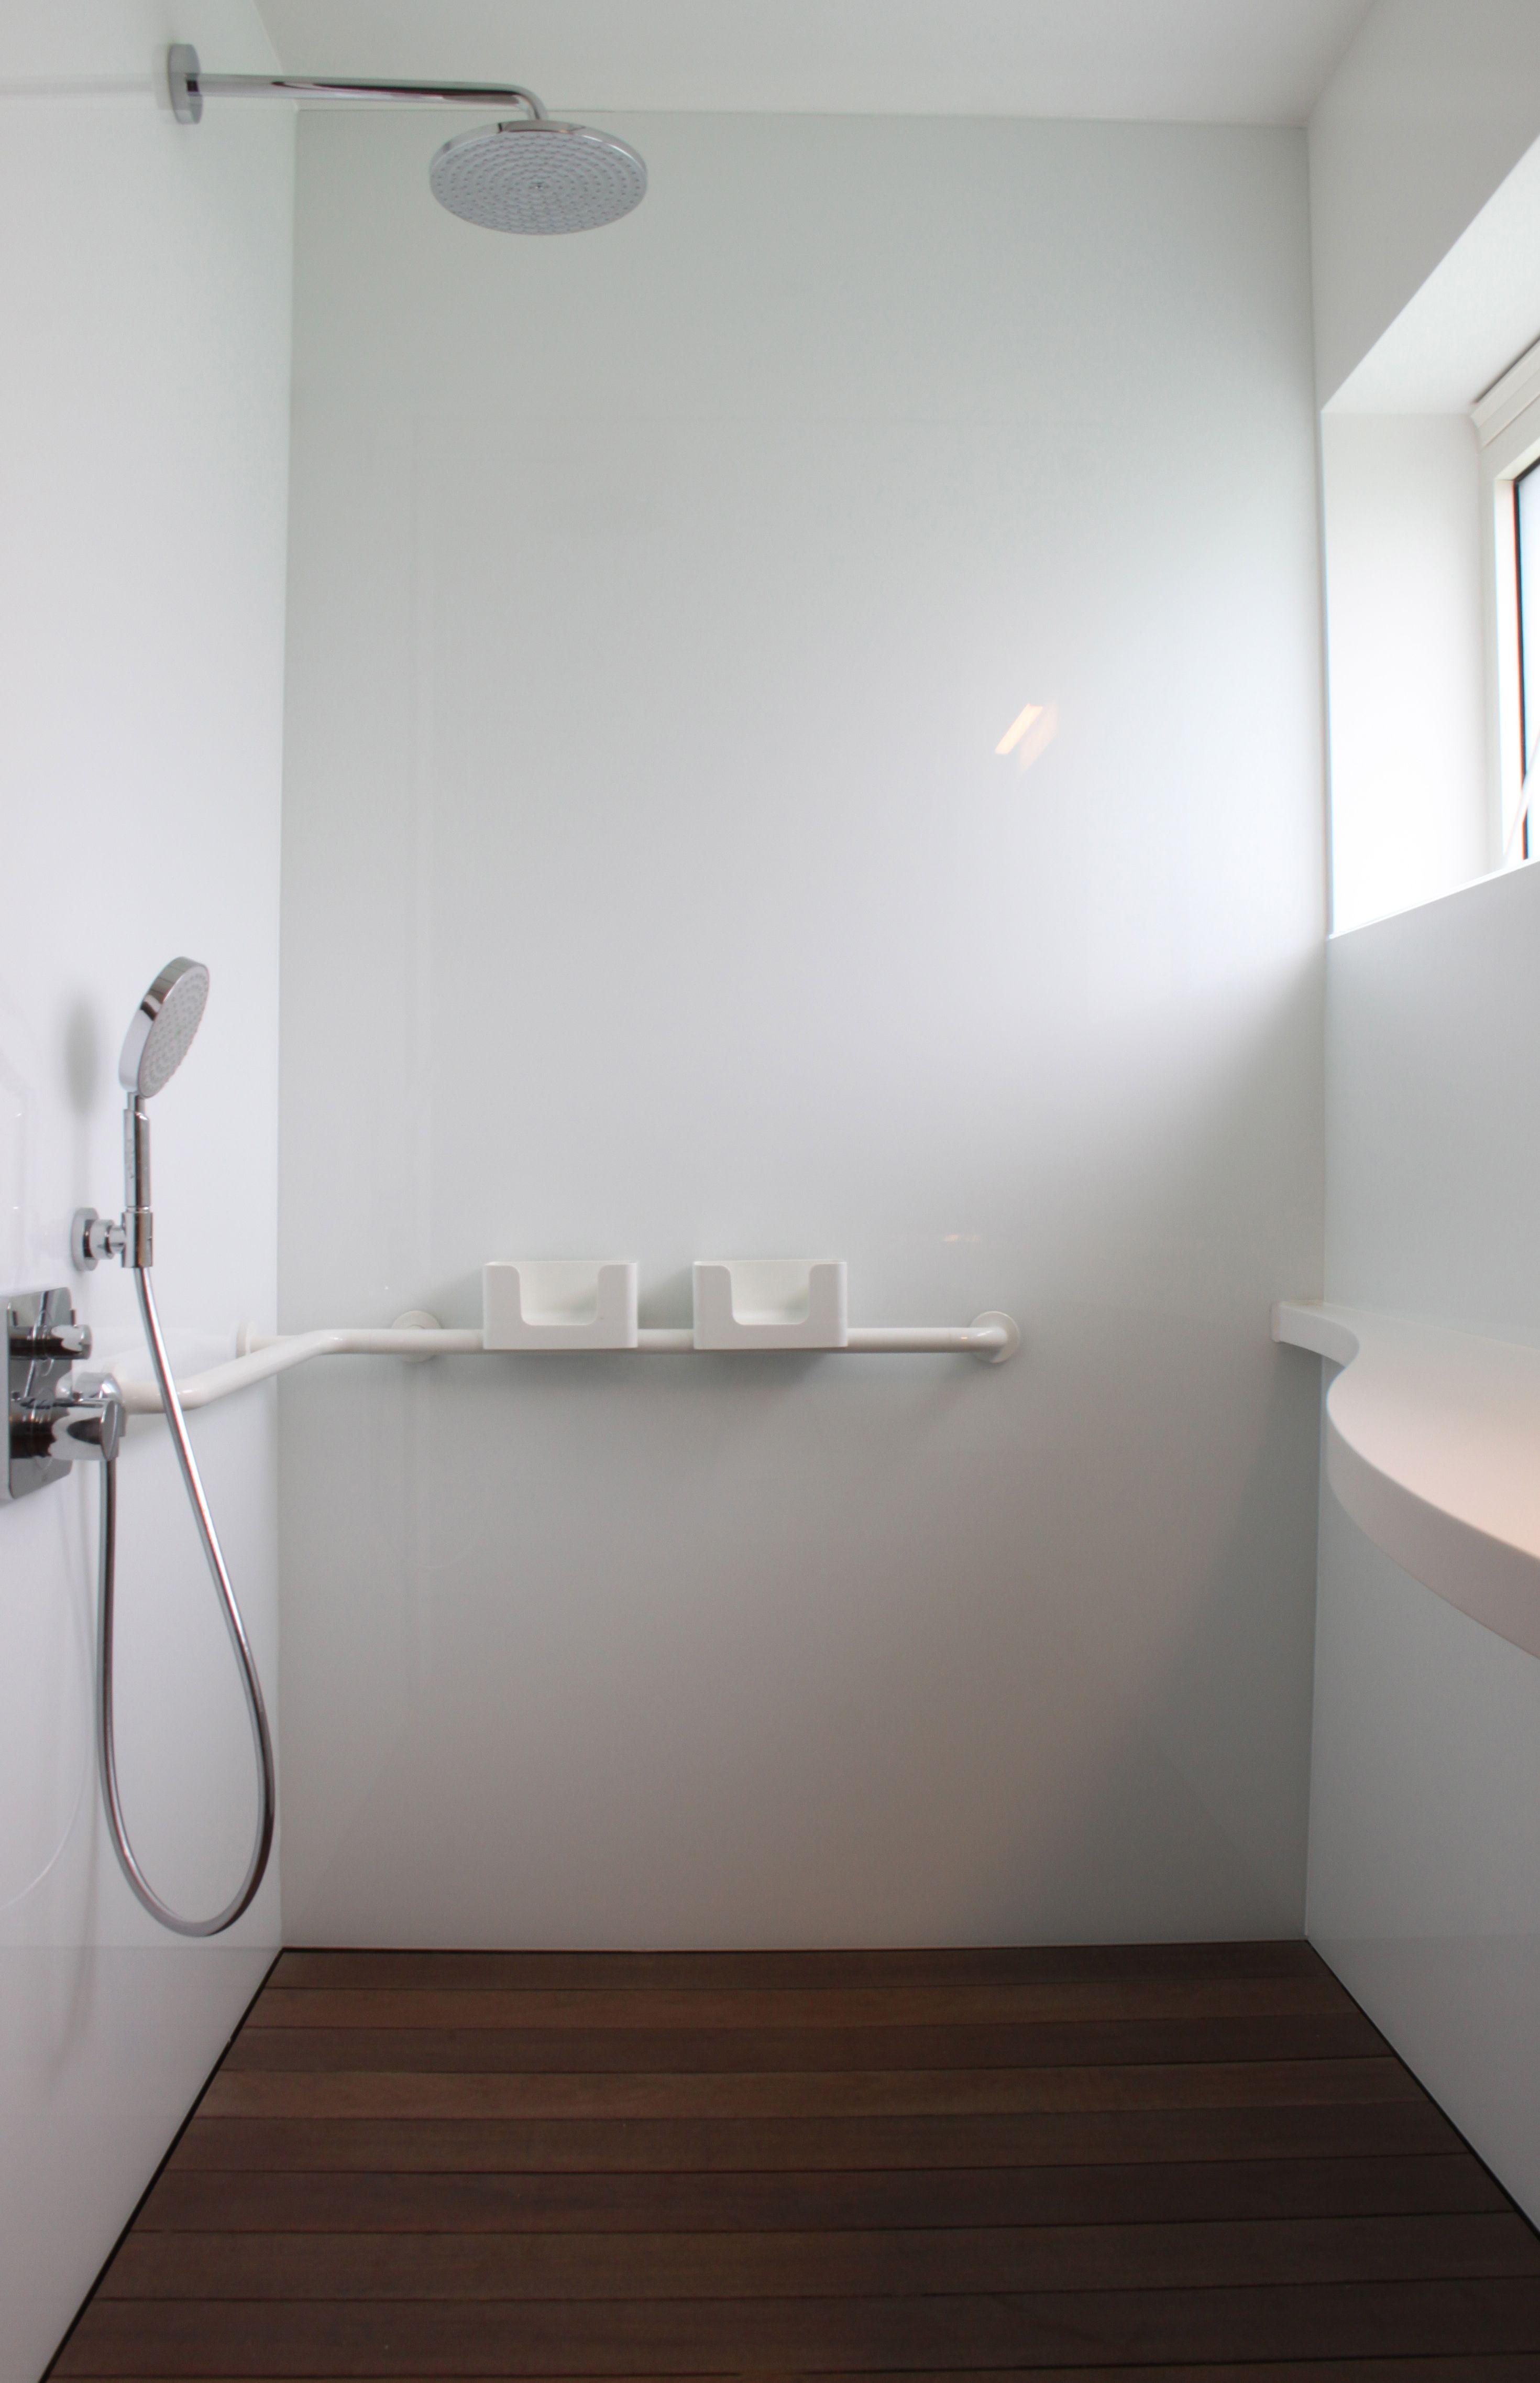 studio k - badkamer mindervaliden Kalmthout 2014 (badkamer, bathroom ...